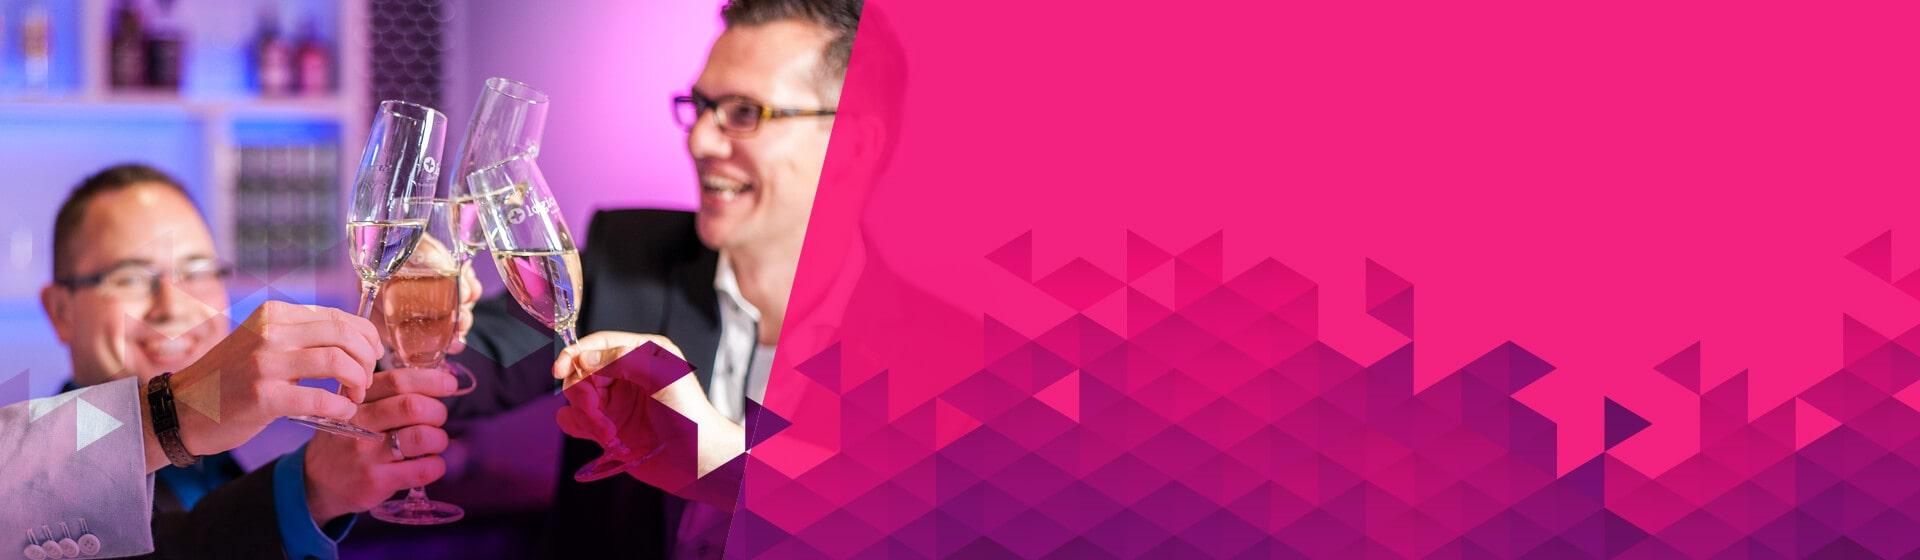 Hoogtepunten 2016 & Vooruitblik 2017